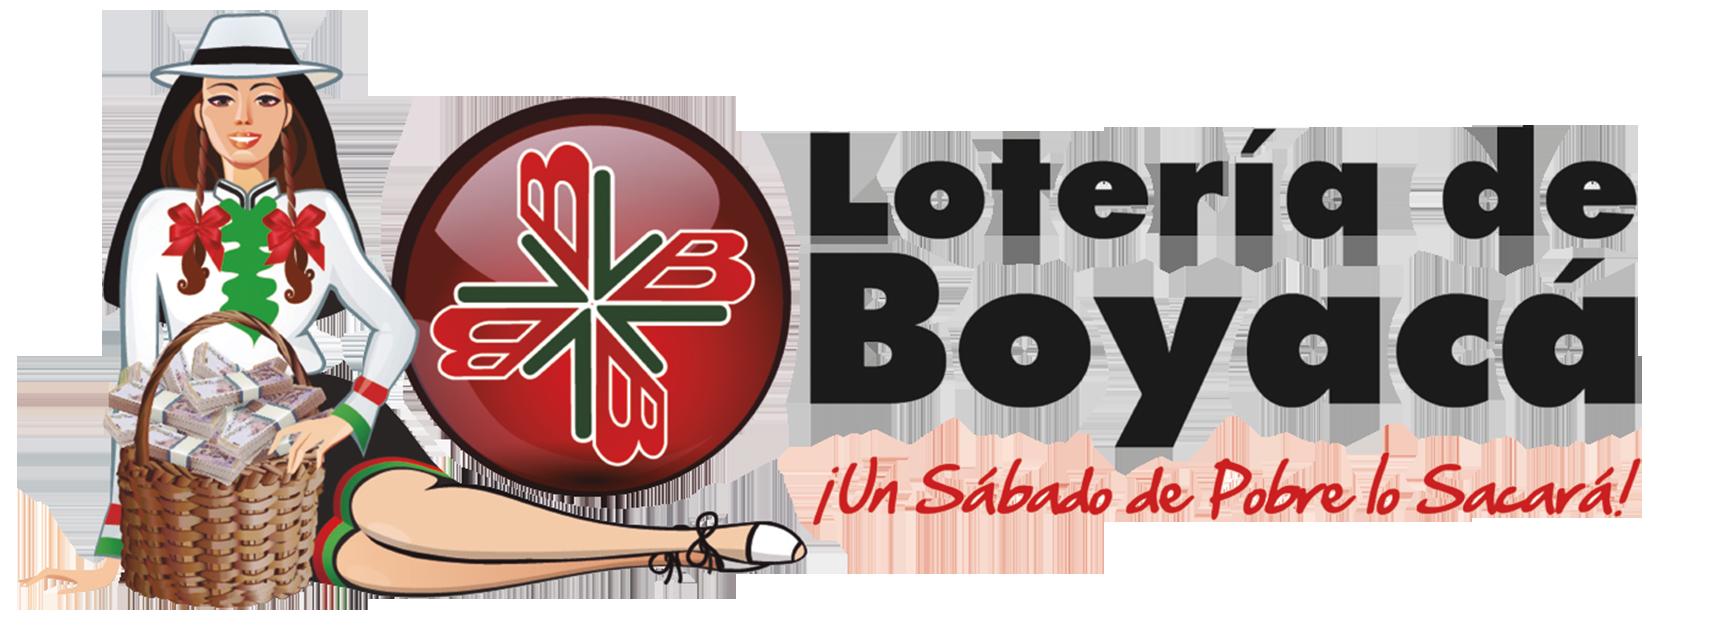 logo Loteria